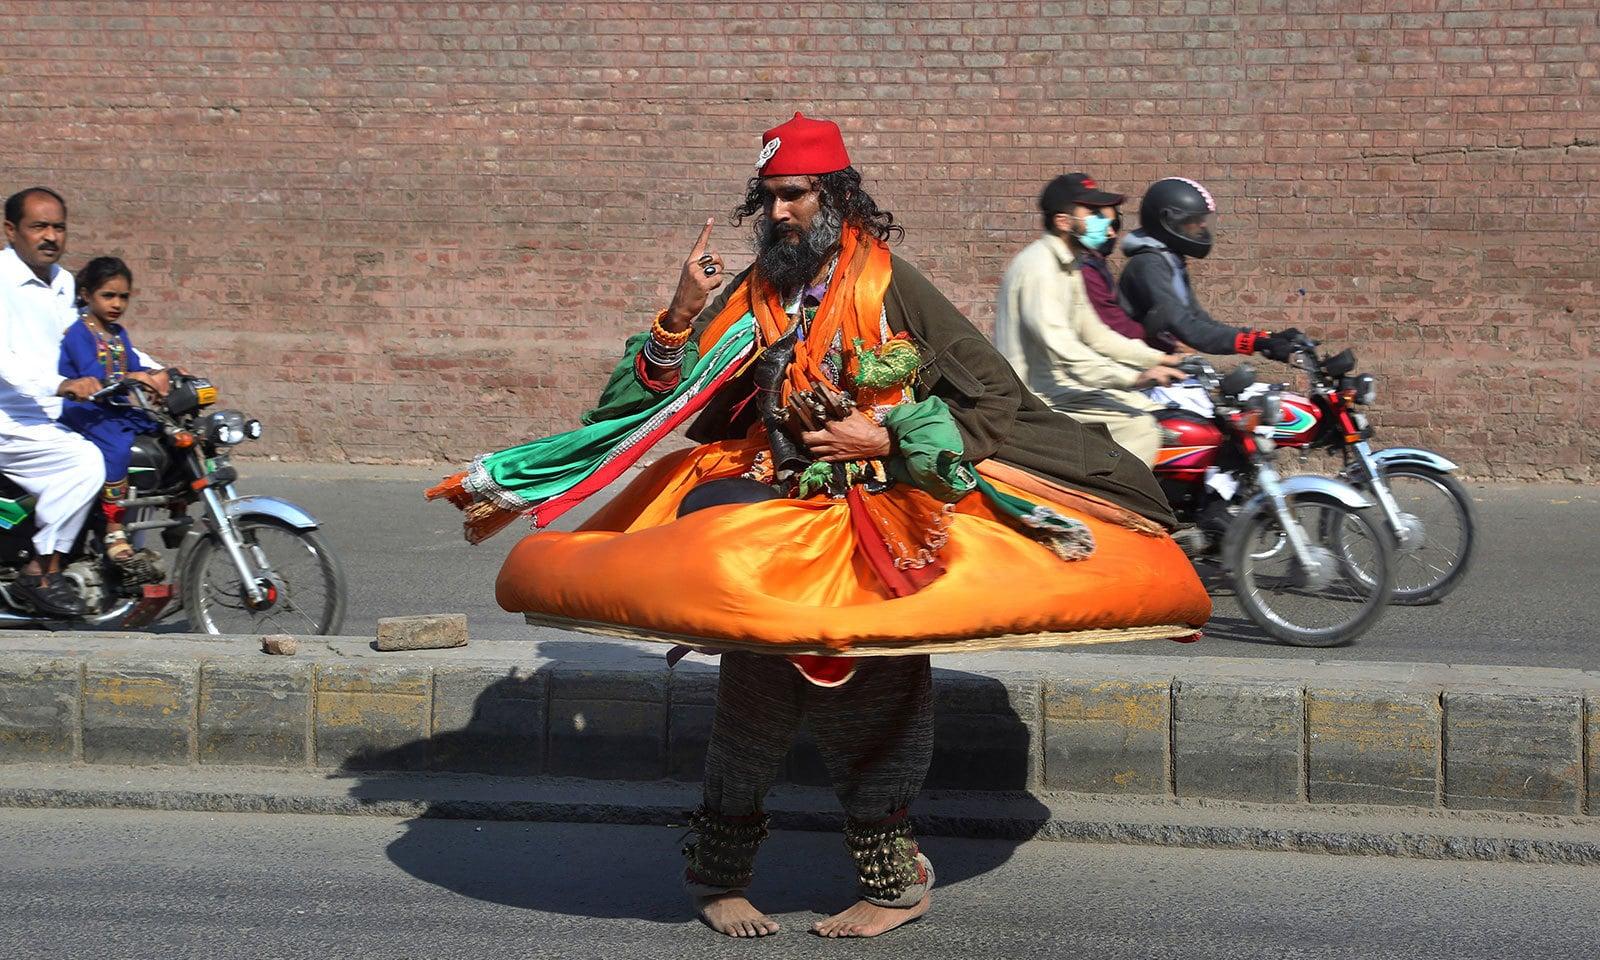 لاہور کی ایک سڑک پر درویش جشن مناتے ہوئے—فوٹو:اے پی